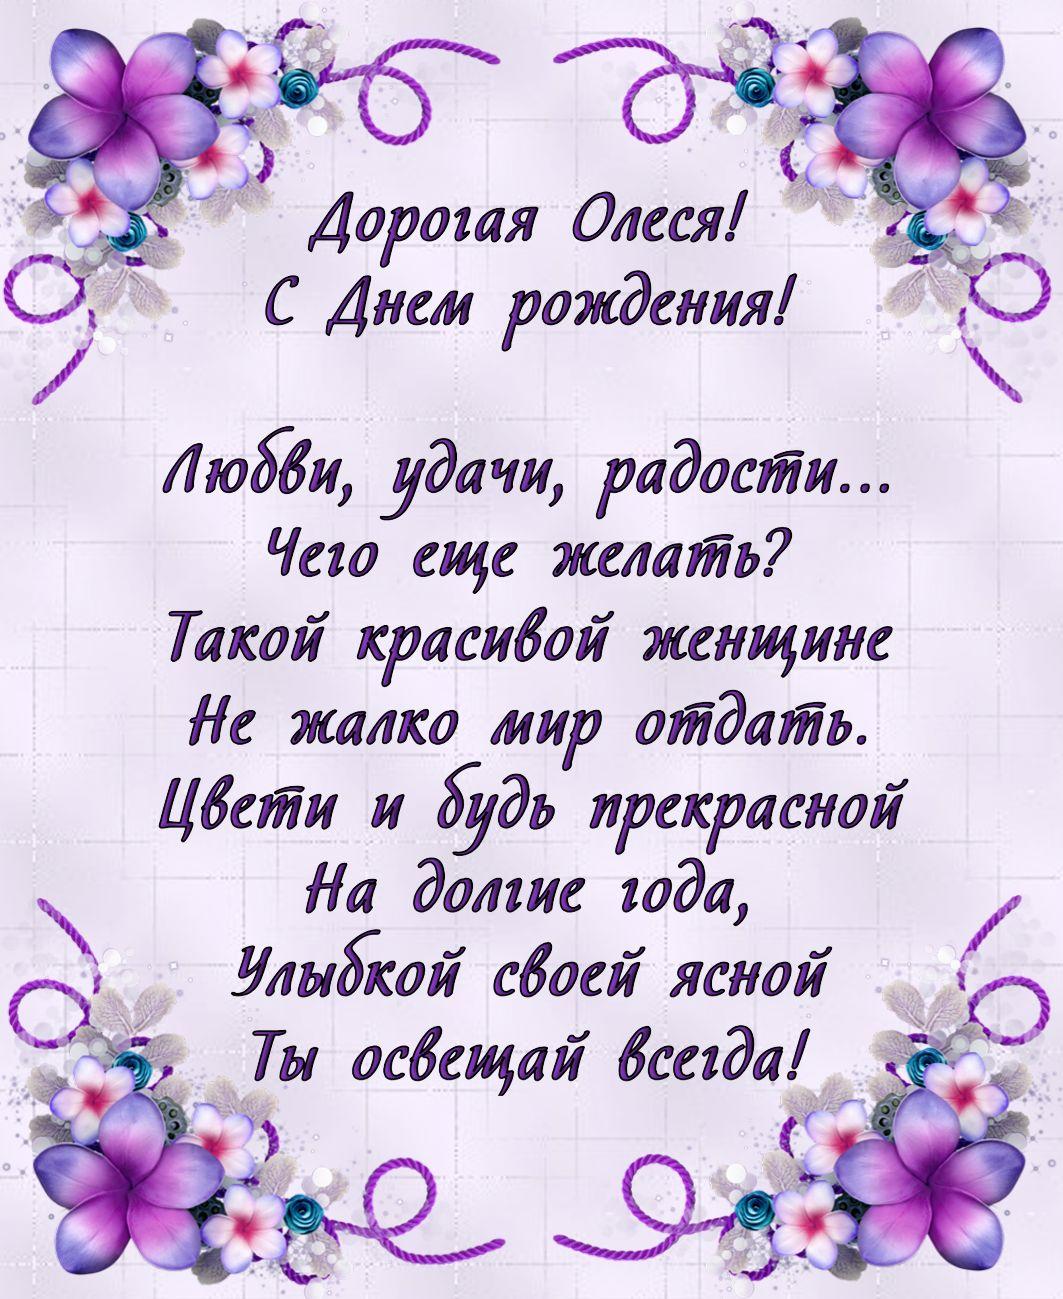 Открытки с днем рождения женщине красивые по имени олеся, днем рождения